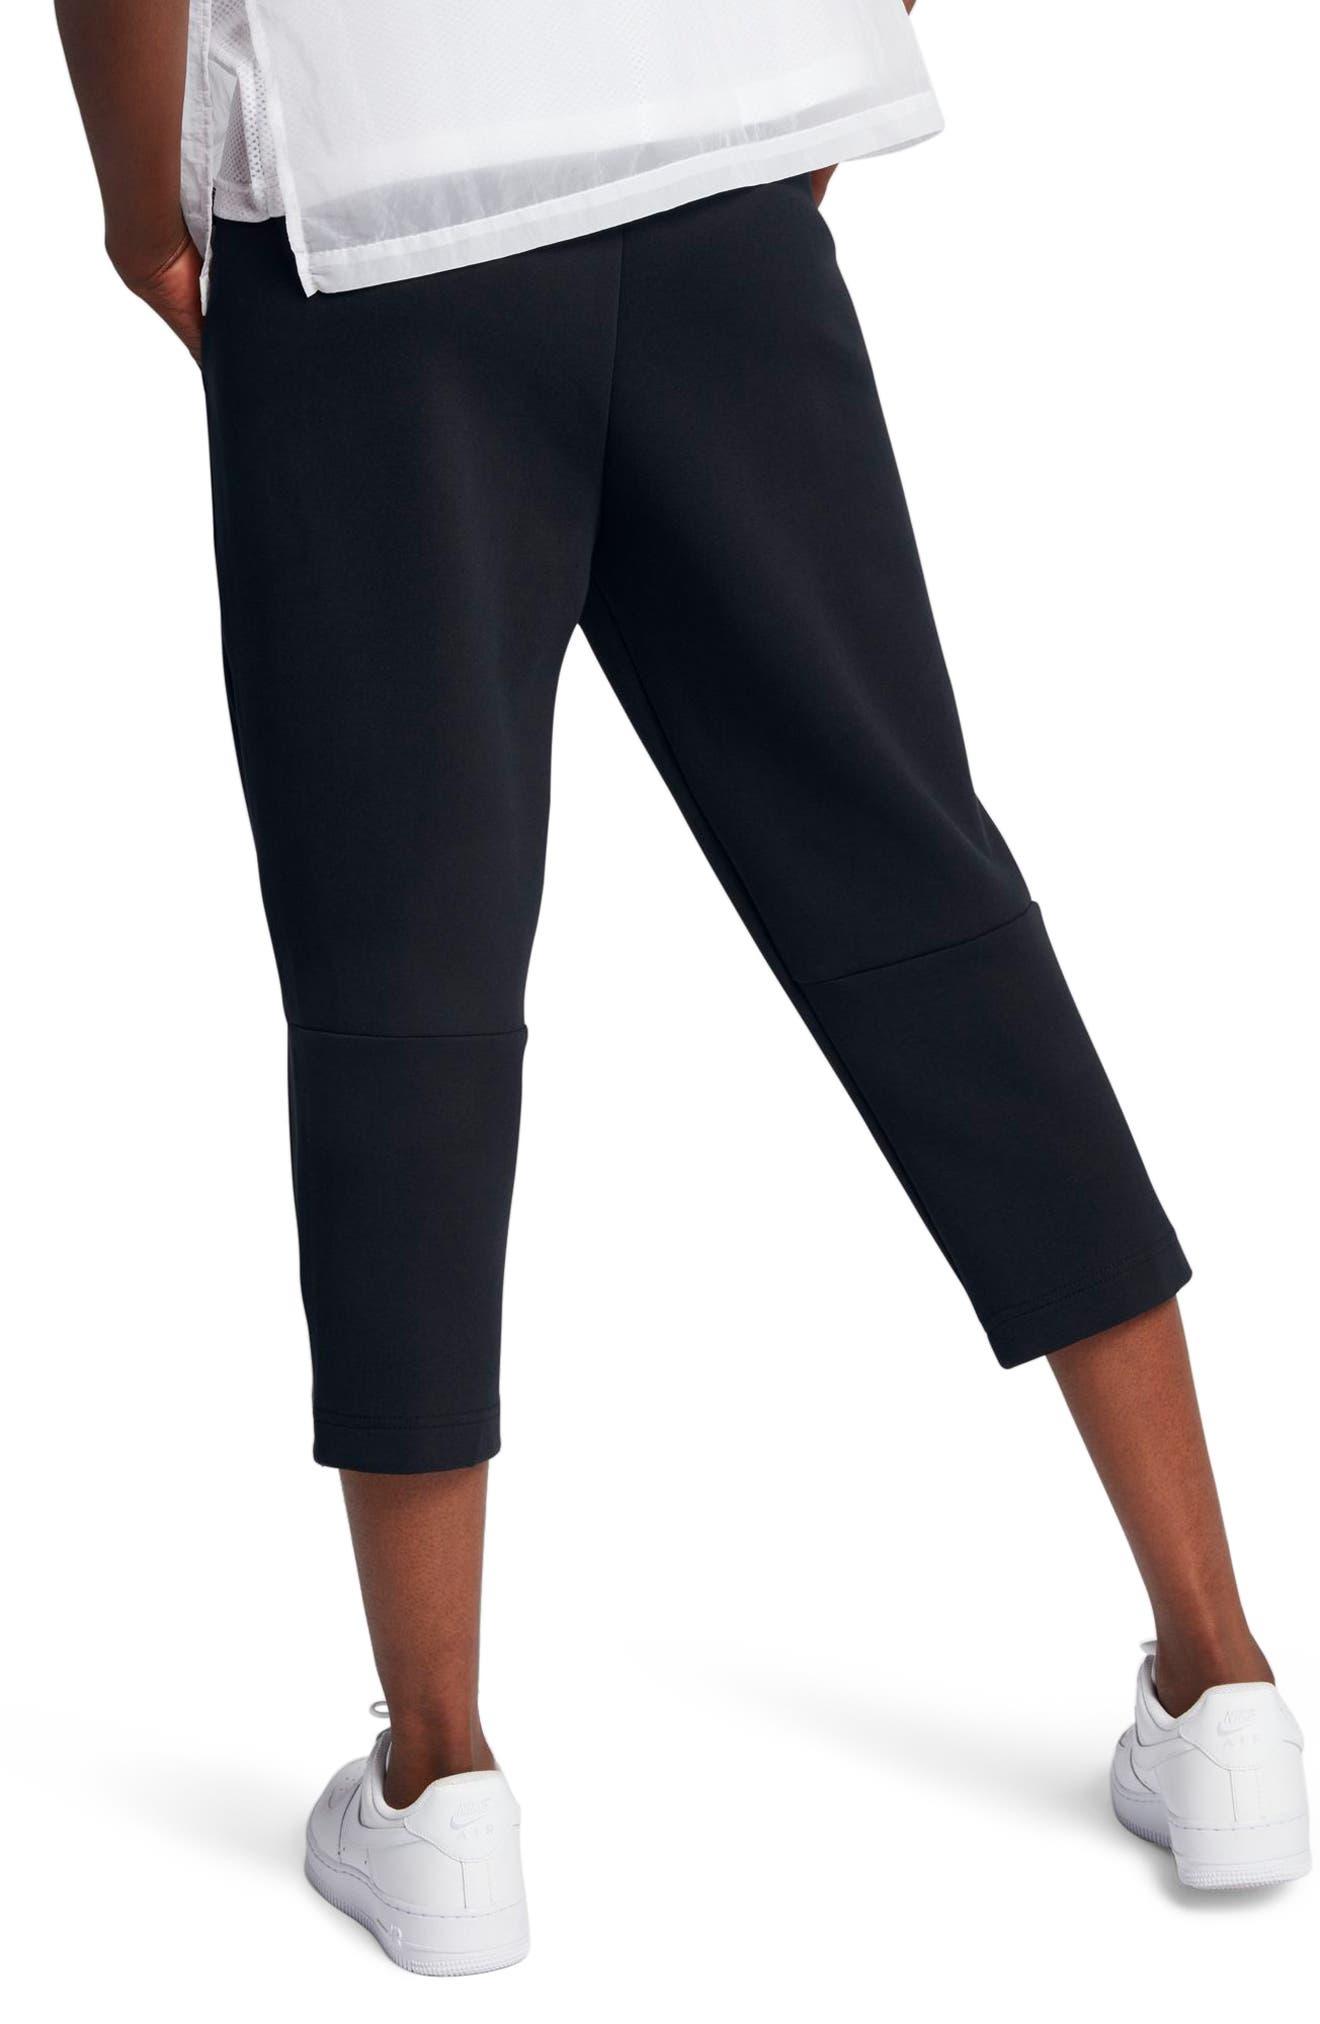 Sportswear Women's Tech Fleece Sneaker Pants,                             Alternate thumbnail 4, color,                             Black/ Black